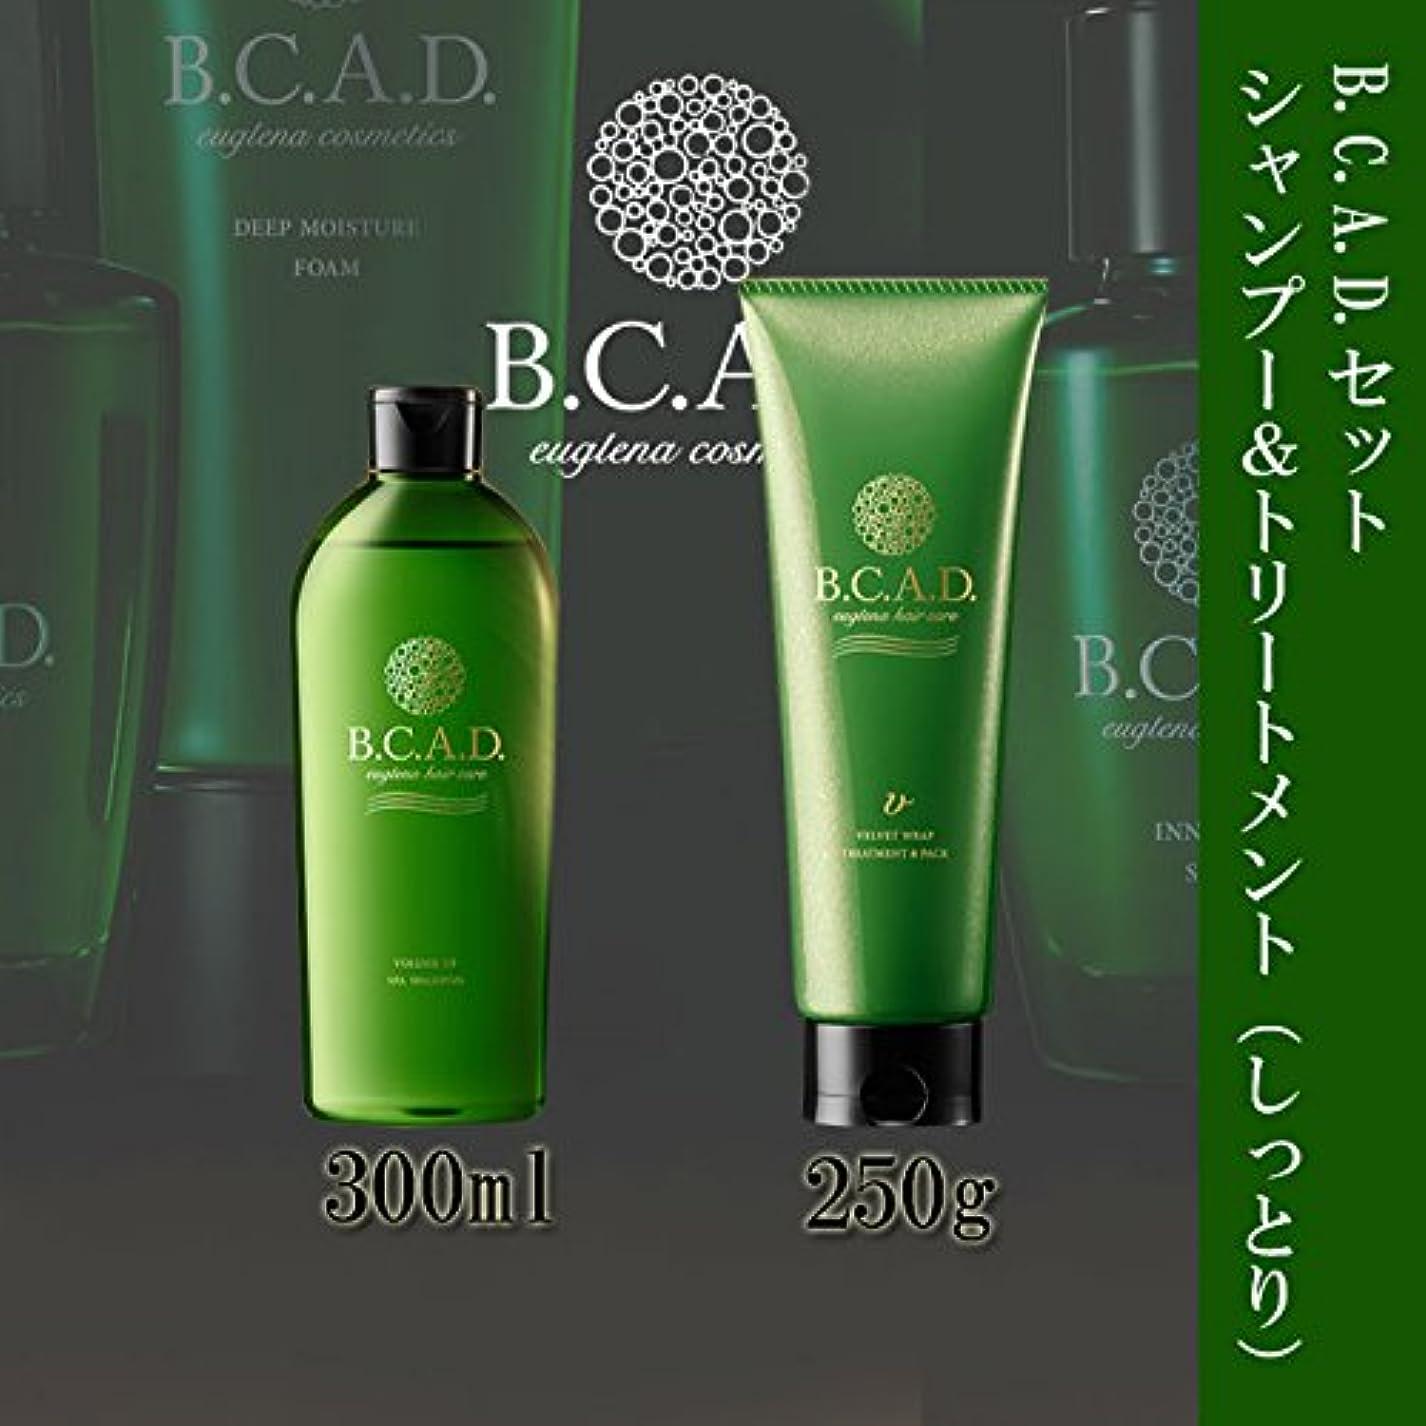 バッグ上へ入浴B.C.A.D. ボリュームアップスパシャンプー300ml + ベルベットラップトリートメント&パック250g(しっとり仕上げ トリートメント)